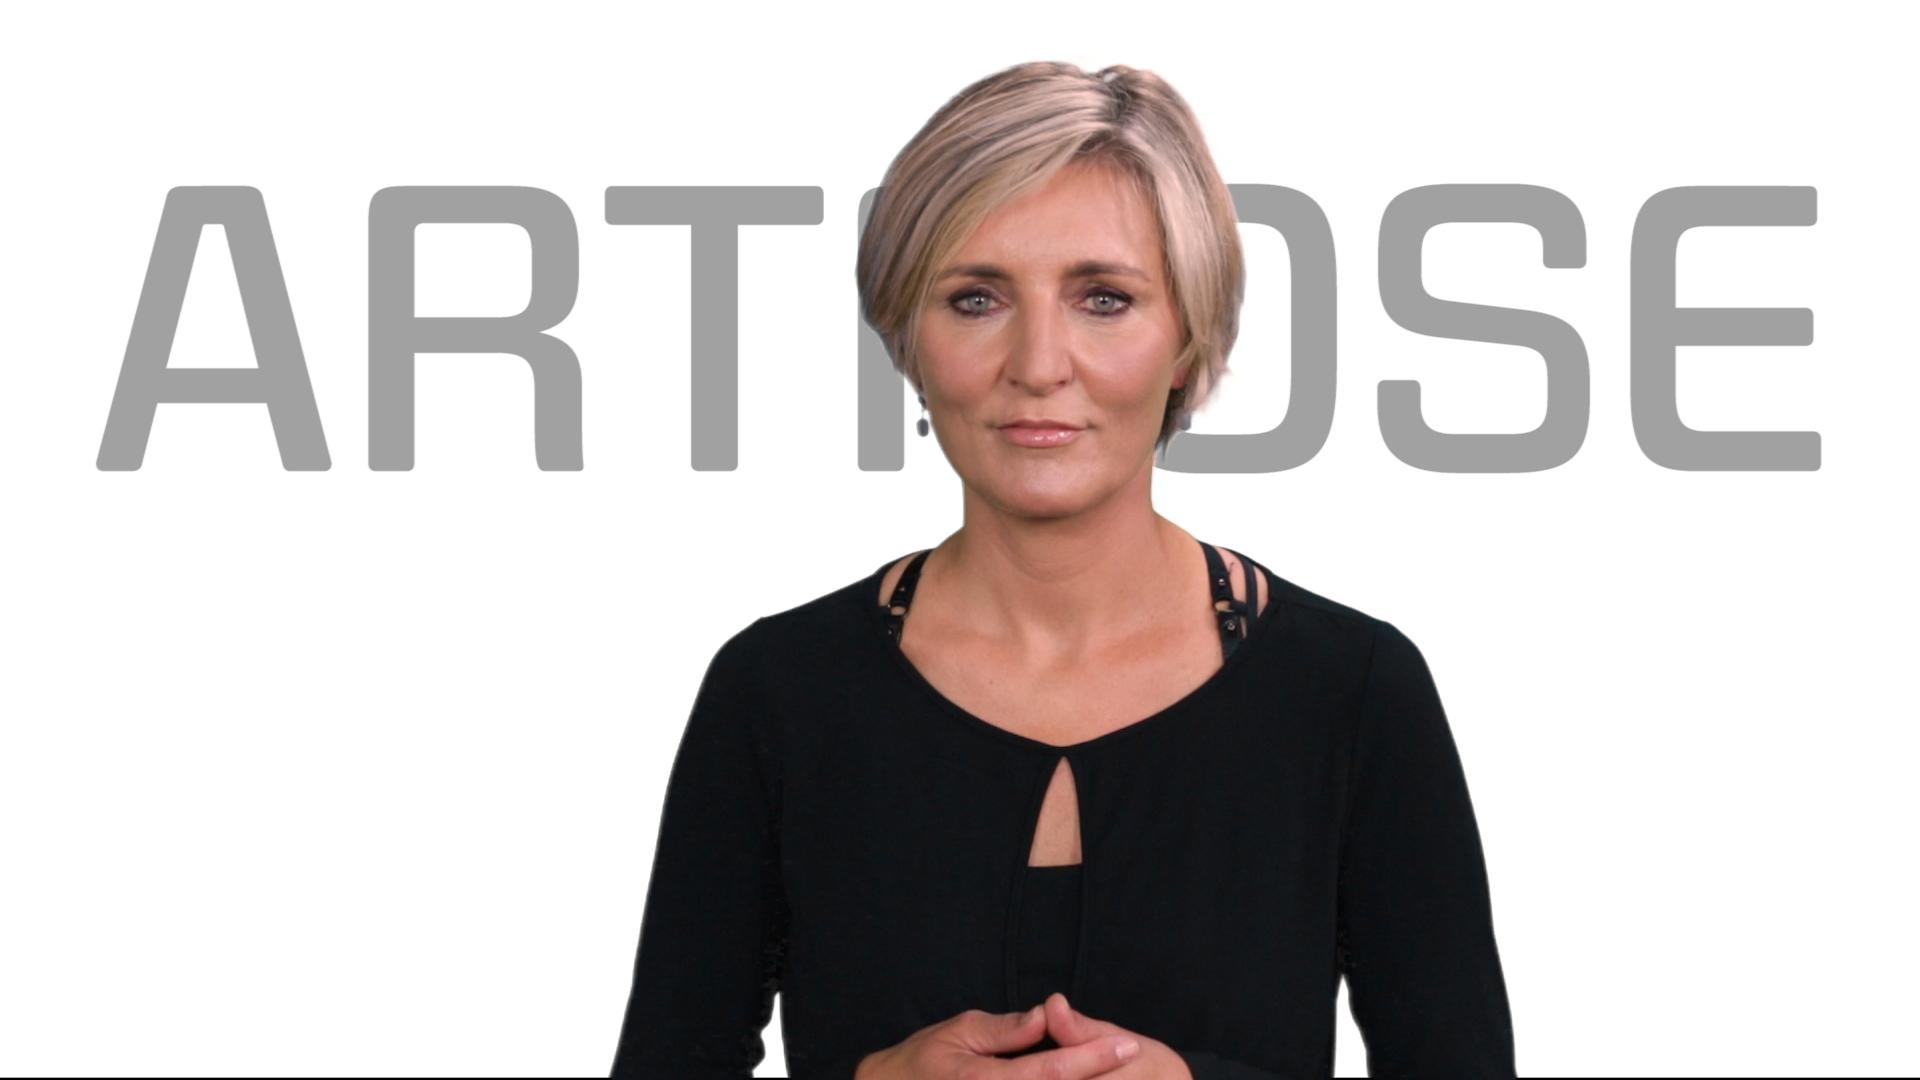 Bekijk de video: Artrose